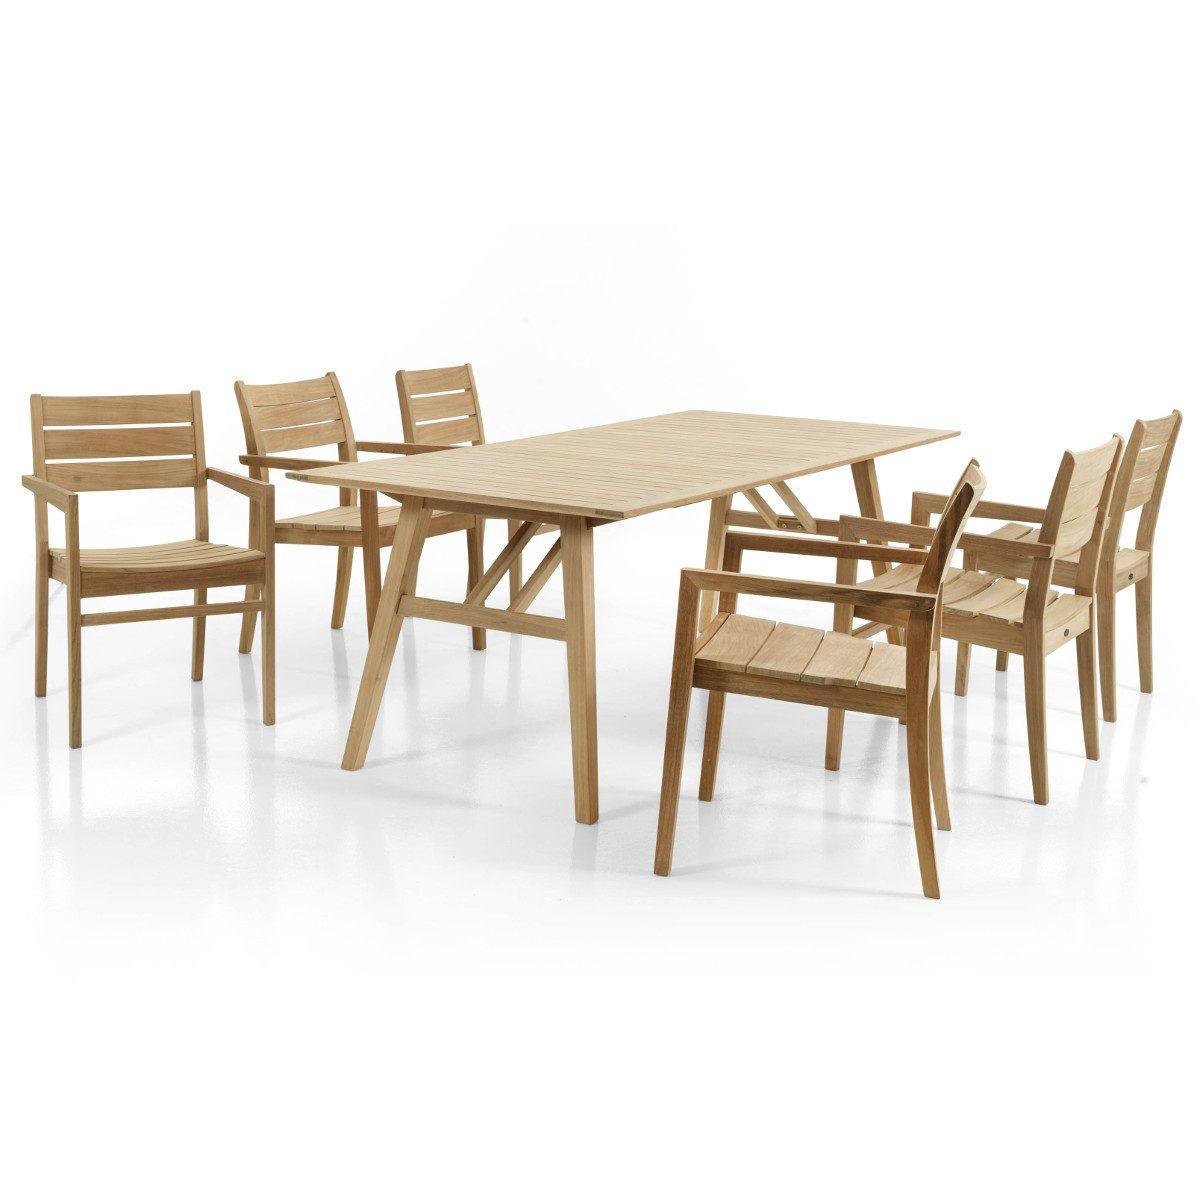 Chioskarmstolar tillsammans med Chios matbord helt i teak.